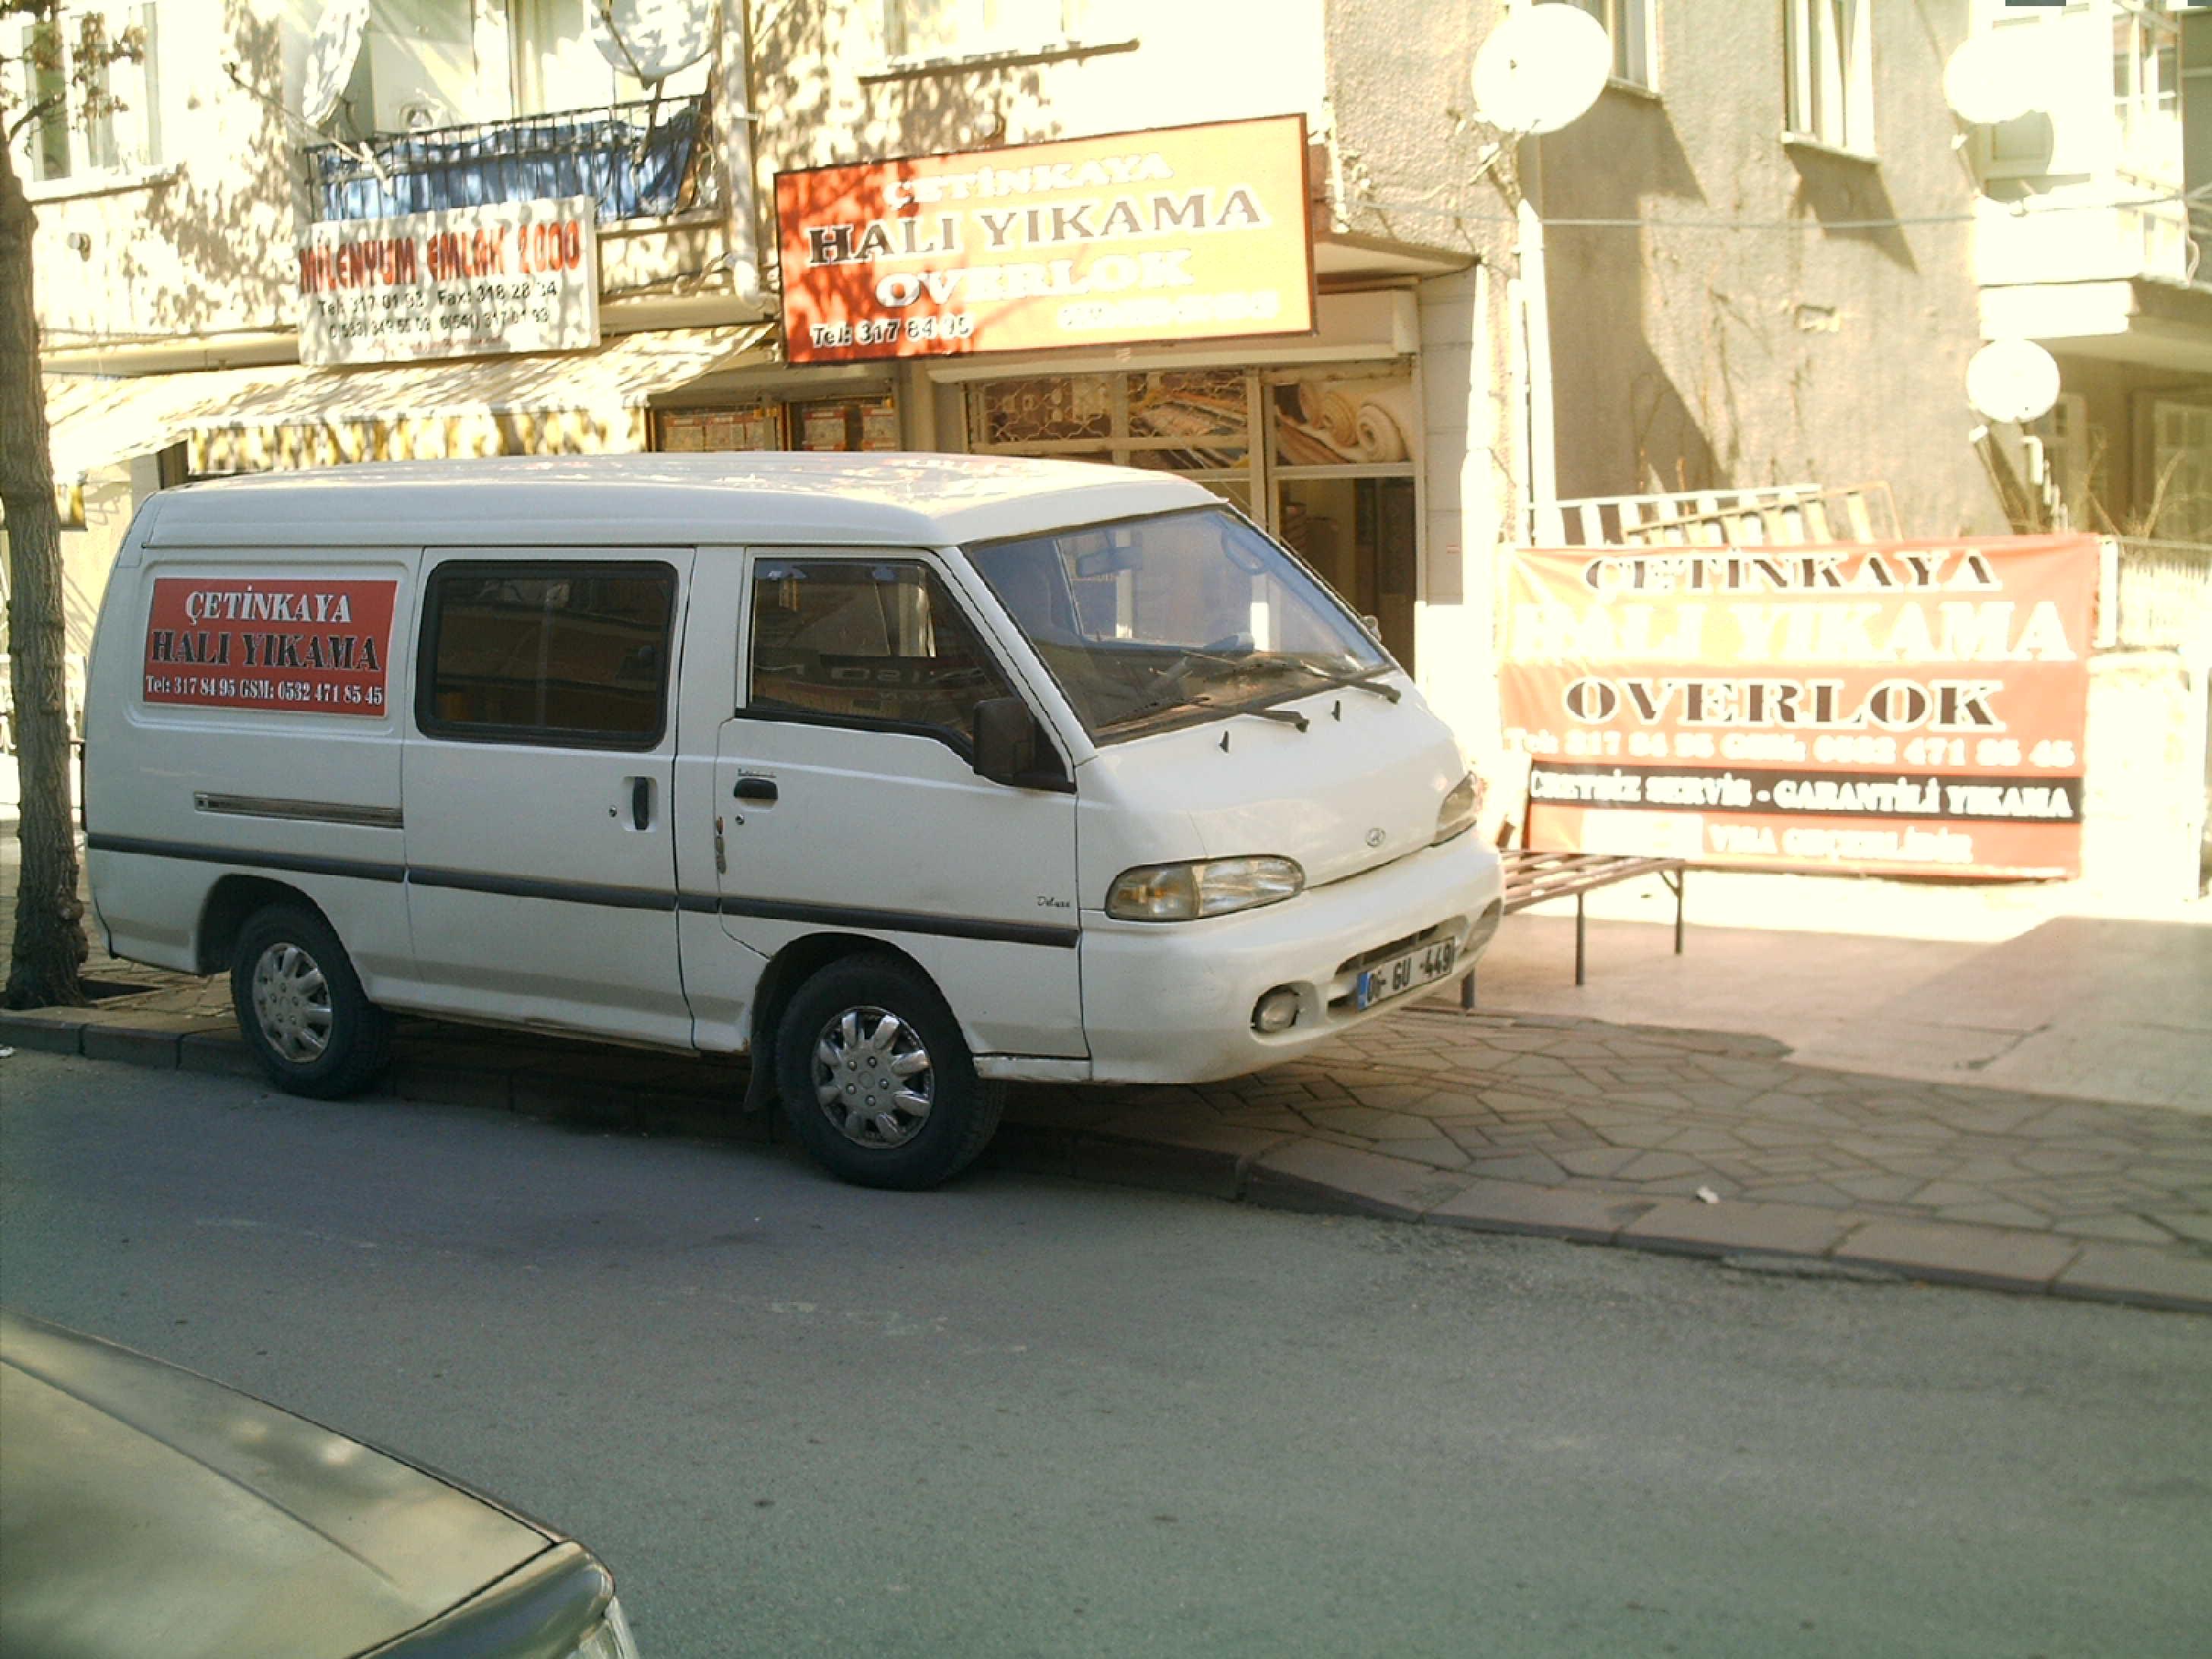 karapürçek_hali_yikama_servis-1 (1)